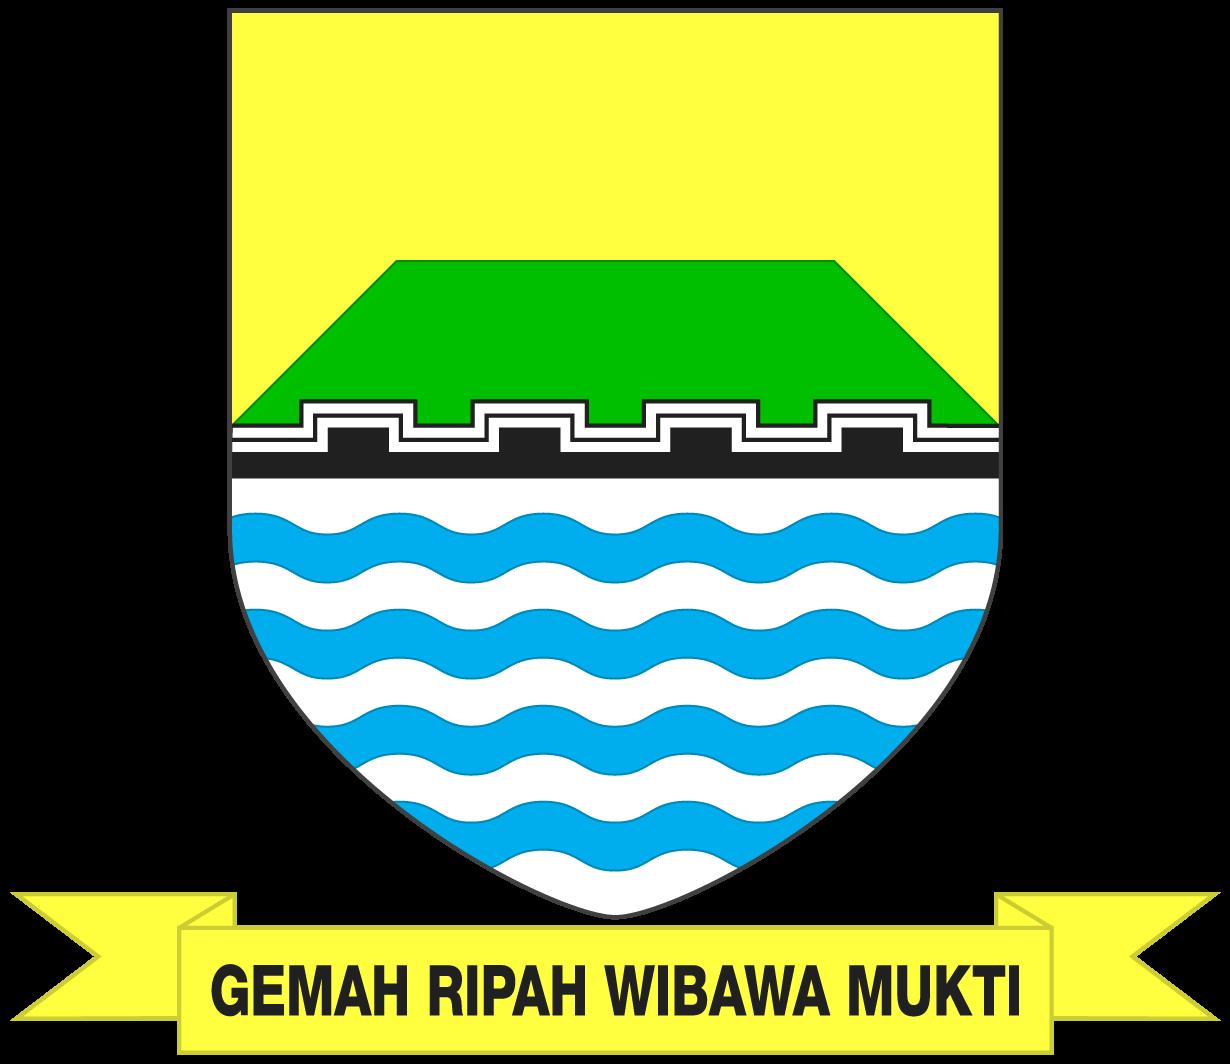 The Jarrdin Cihampelas Kota Bandung Jawa Barat: Daftar Kecamatan Dan Kelurahan Di Kota Bandung